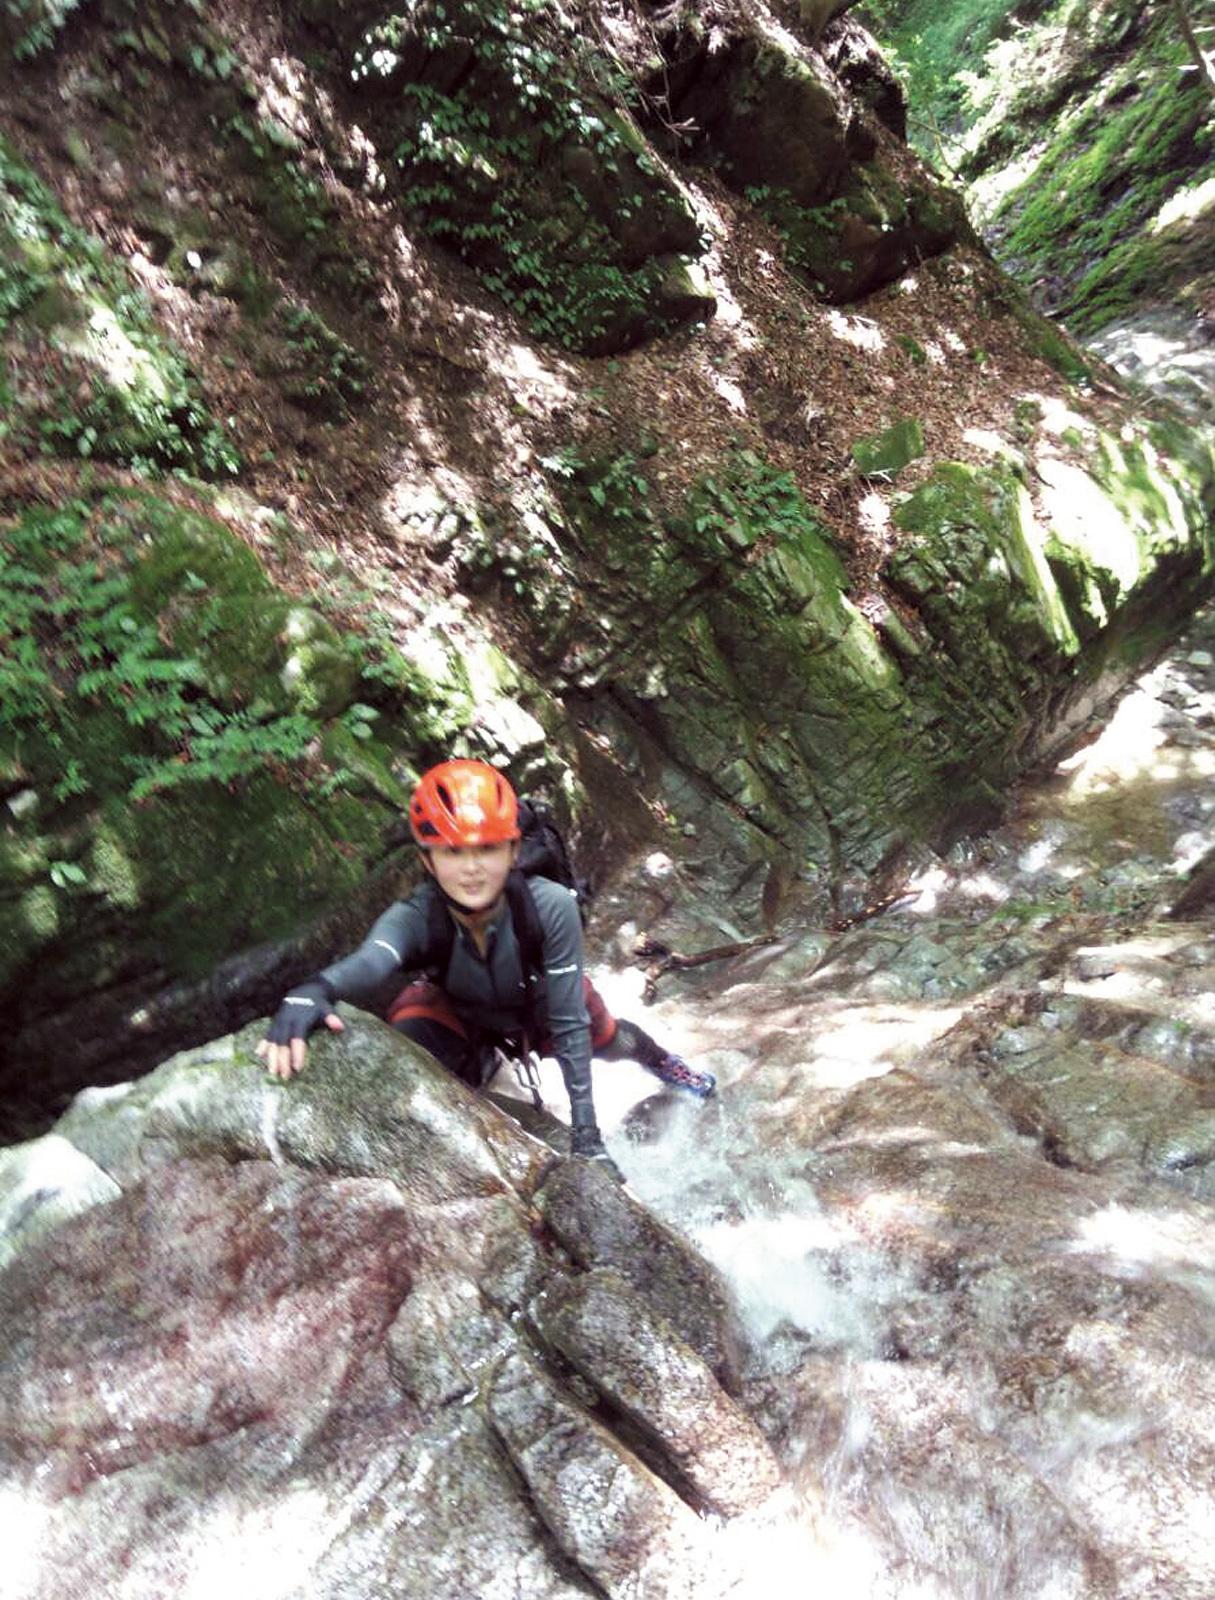 「山に登るプロセスが生活も体力も気持ちも変えてくれた」美容ライター中島彩さん【キレイになる活】_1_2-1